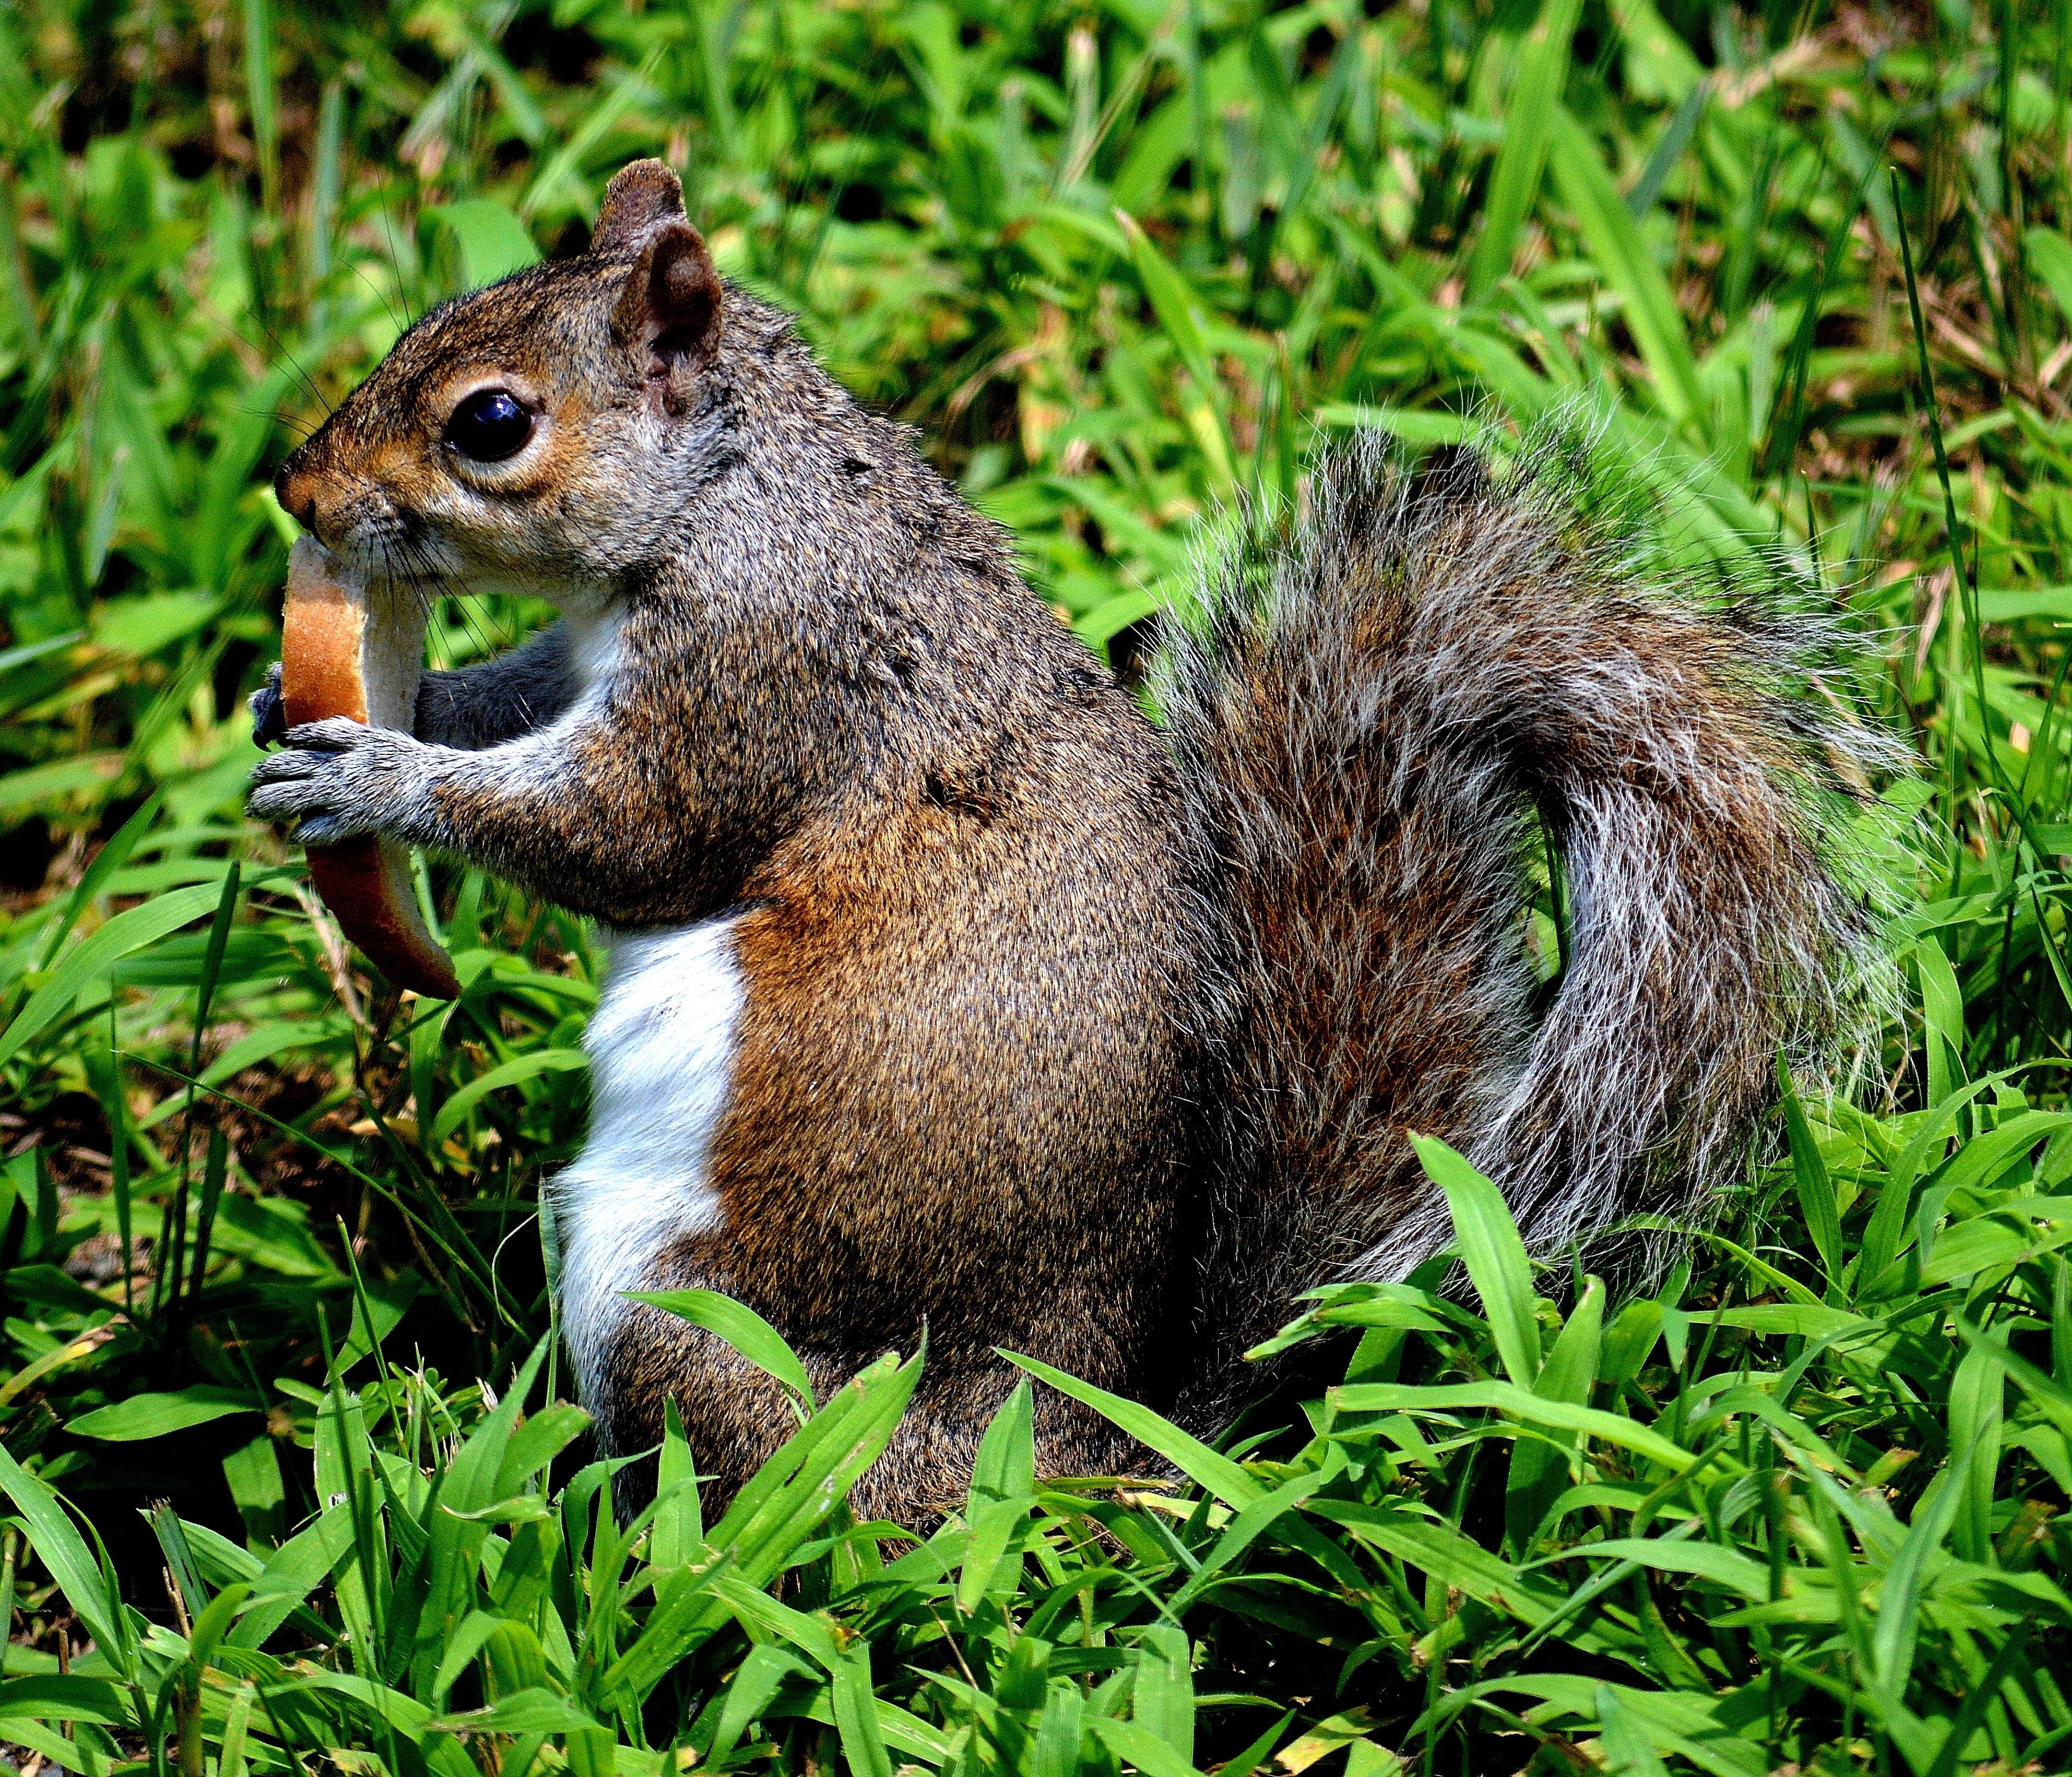 Kostenloses Stock Foto zu eichhörnchen, essen, gras, natur